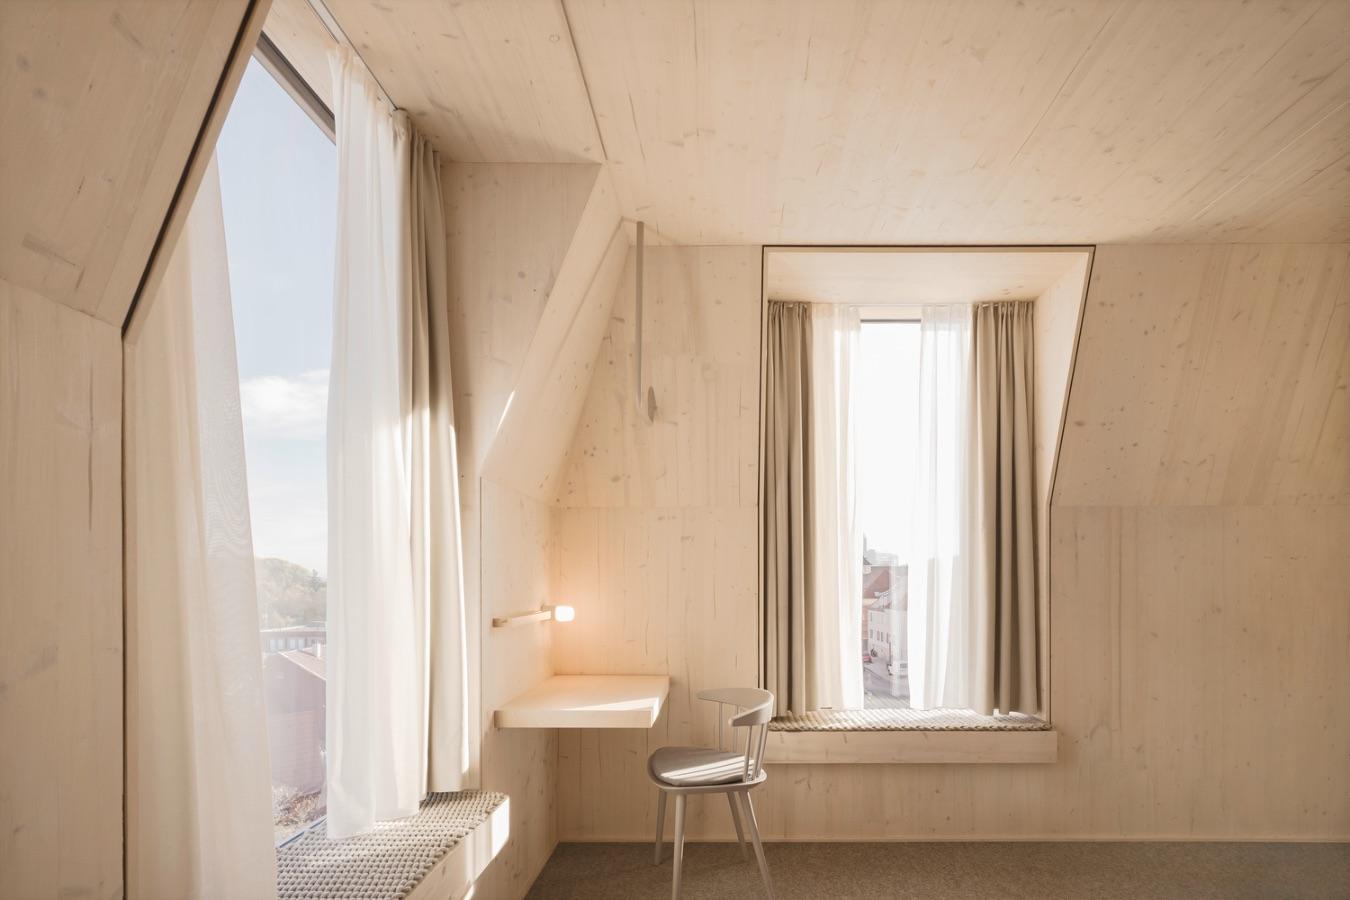 2_Hotel Bauhofstrasse_VON M_Inspirationist